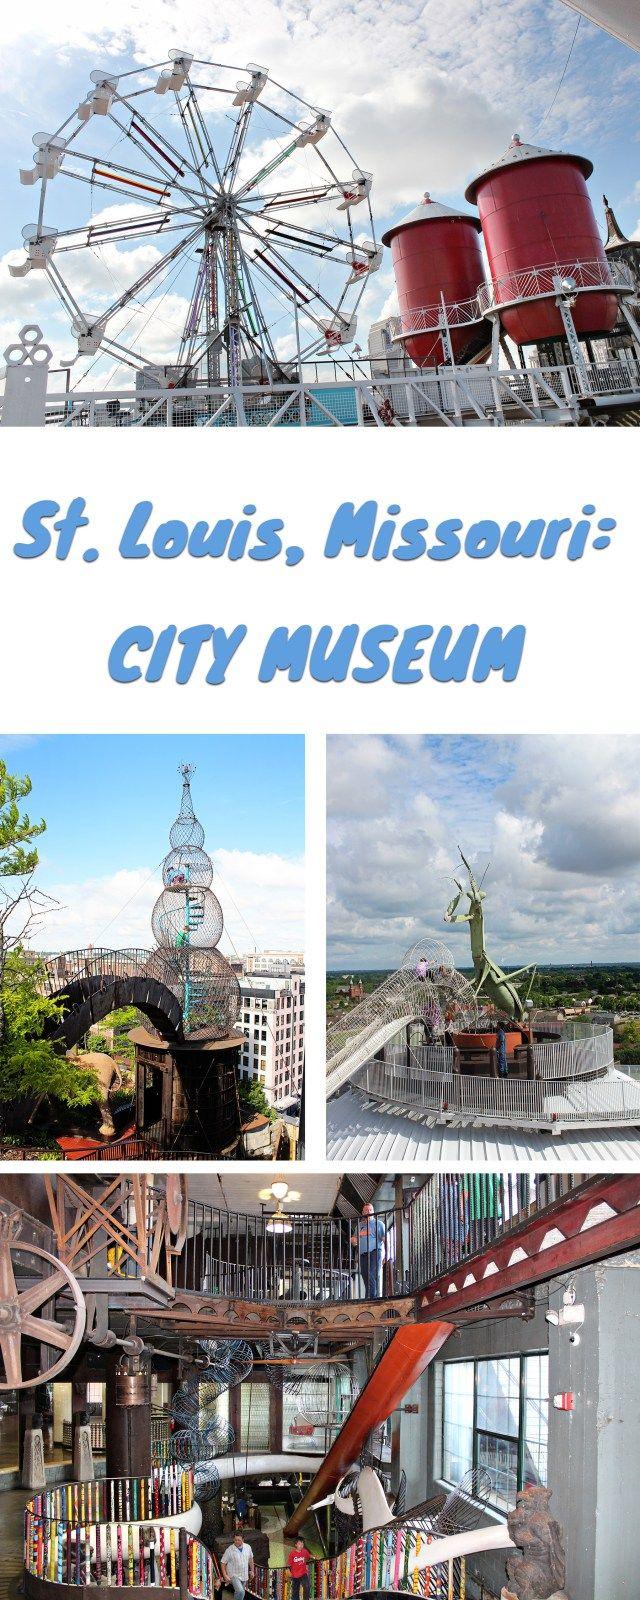 St. Louis, Missouri: City Museum